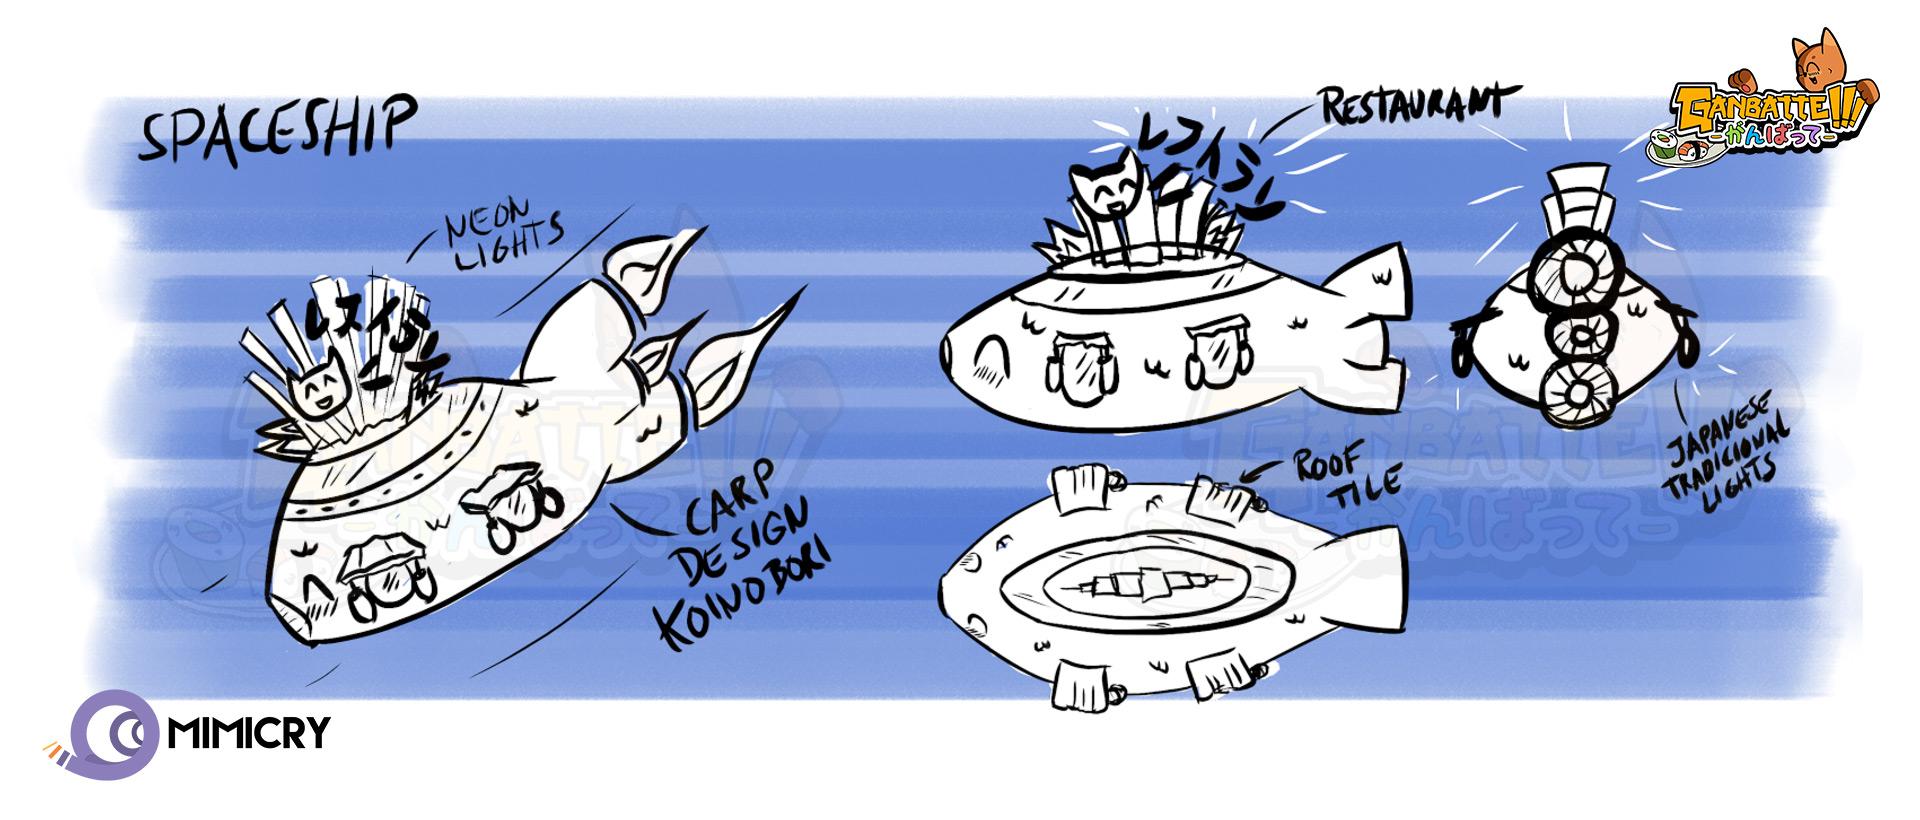 Ganbatte spaceship restaurant concept sketches